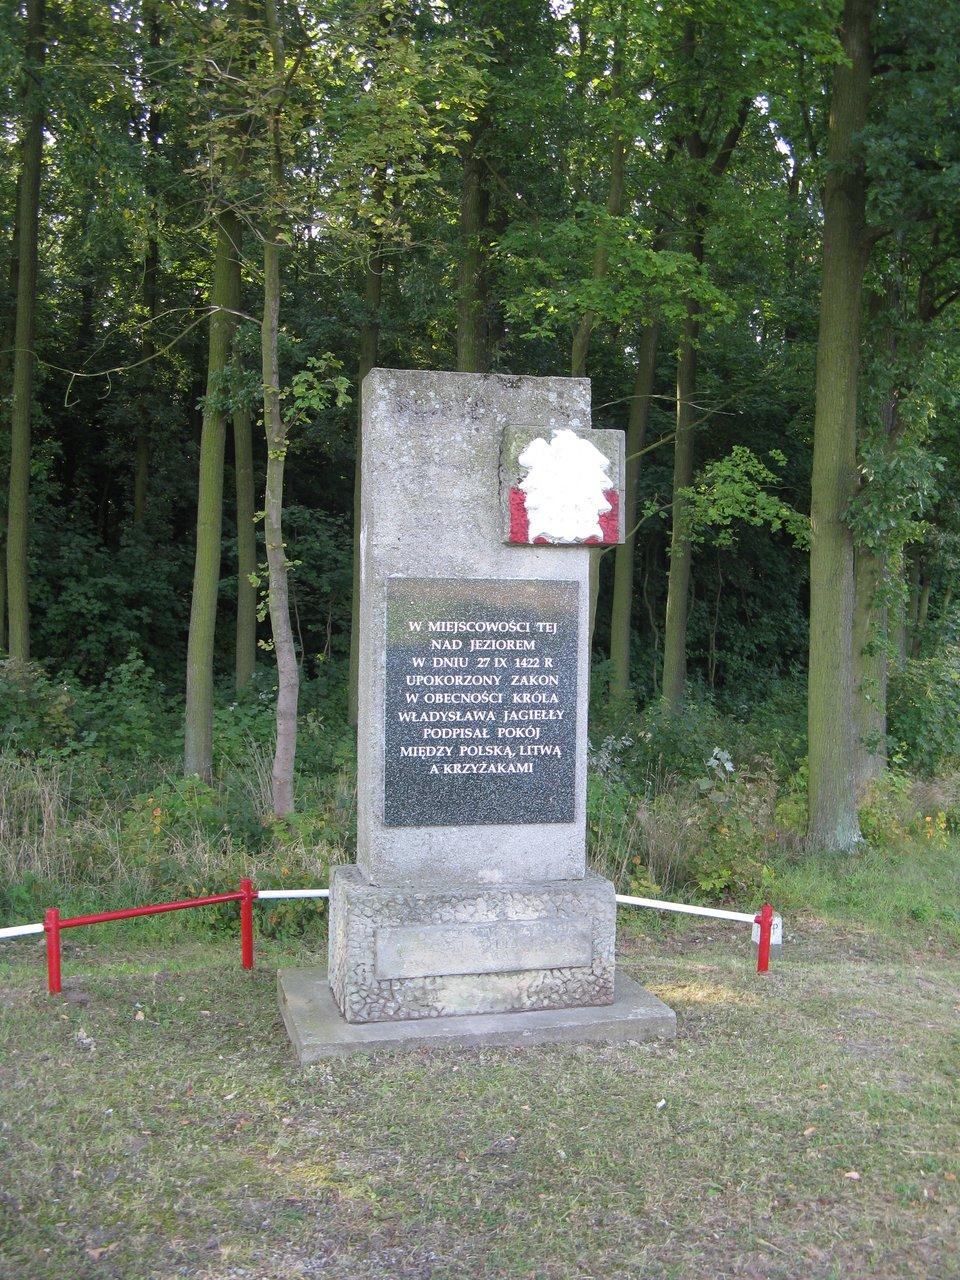 Pomnik zawarcia pokoju mełneńskiego wMełnie Obelisk wMełnie, upamiętniający podpisanie pokoju mełneńskiego. Źródło: Pomnik zawarcia pokoju mełneńskiego wMełnie, 1966, domena publiczna.